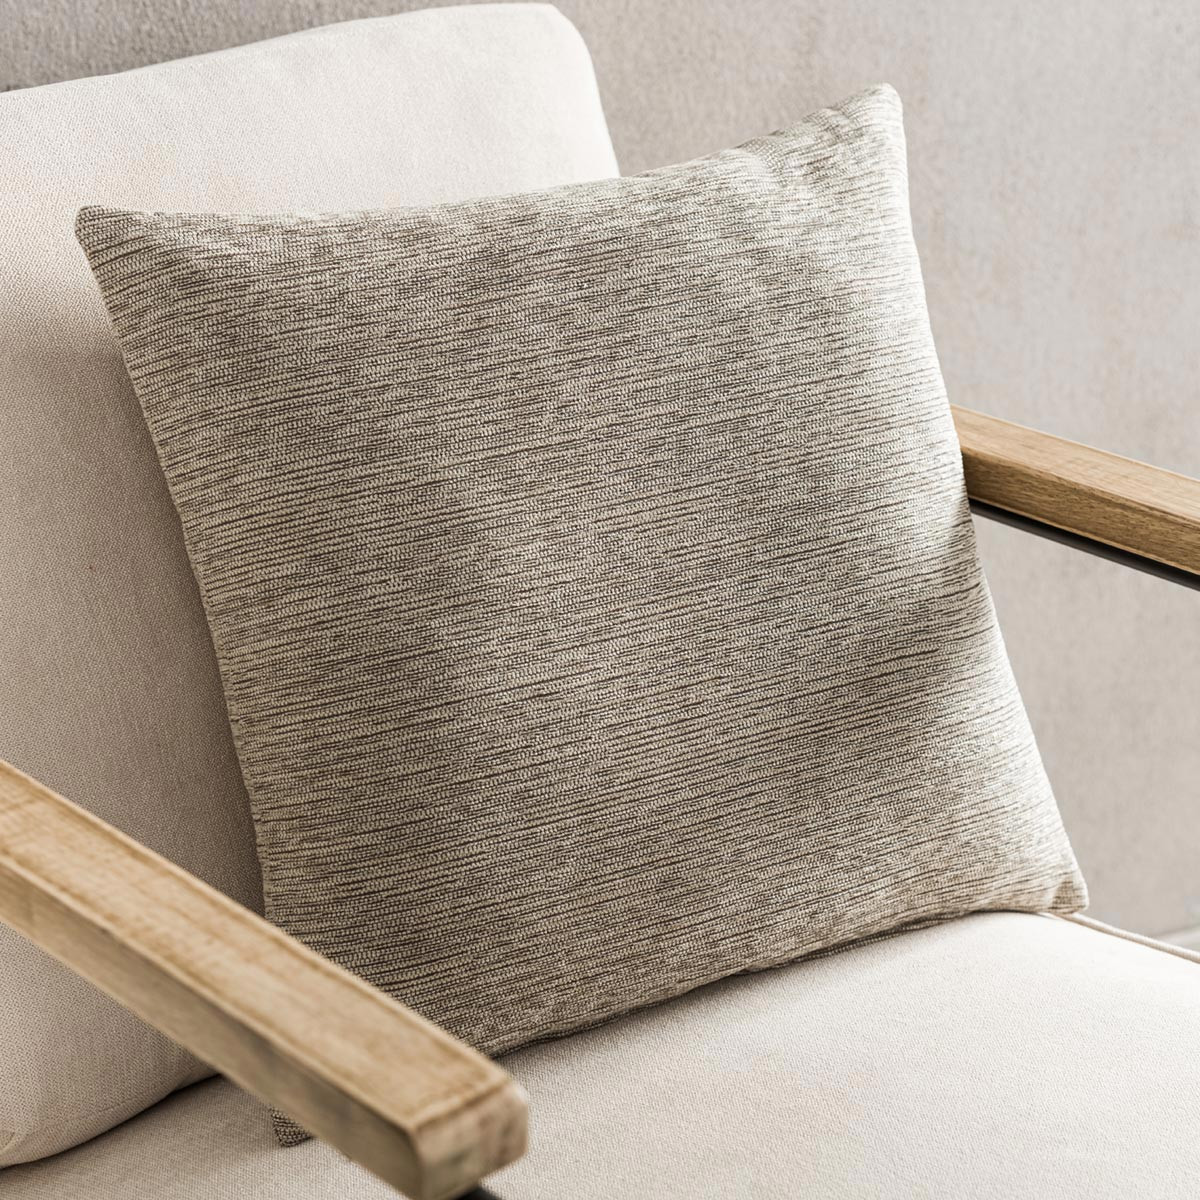 Διακοσμητική Μαξιλαροθήκη (50×50) Gofis Home Calma Brown 395A/13